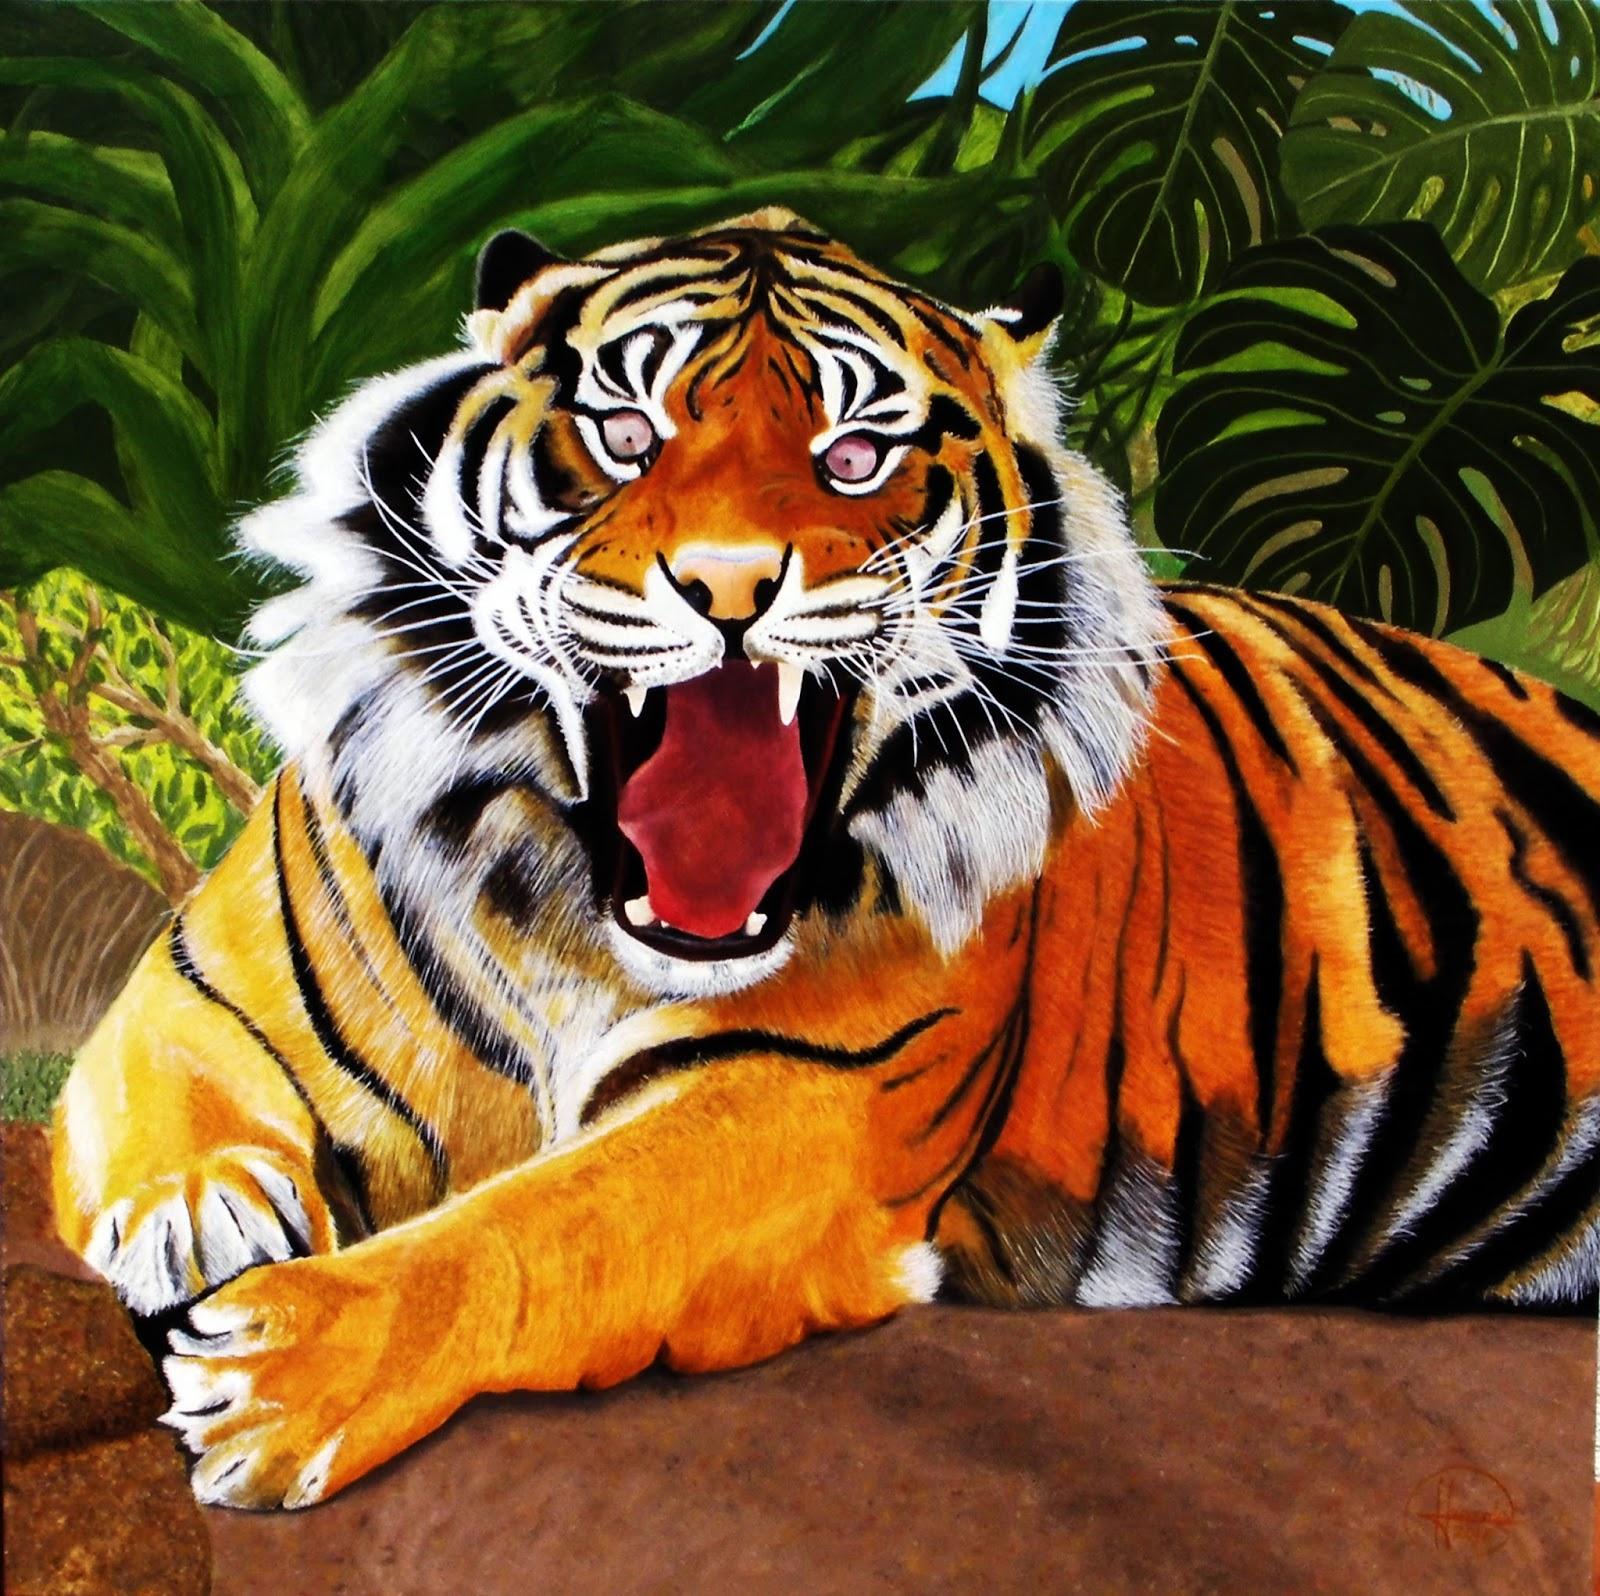 Tigre del bengala caratteristiche